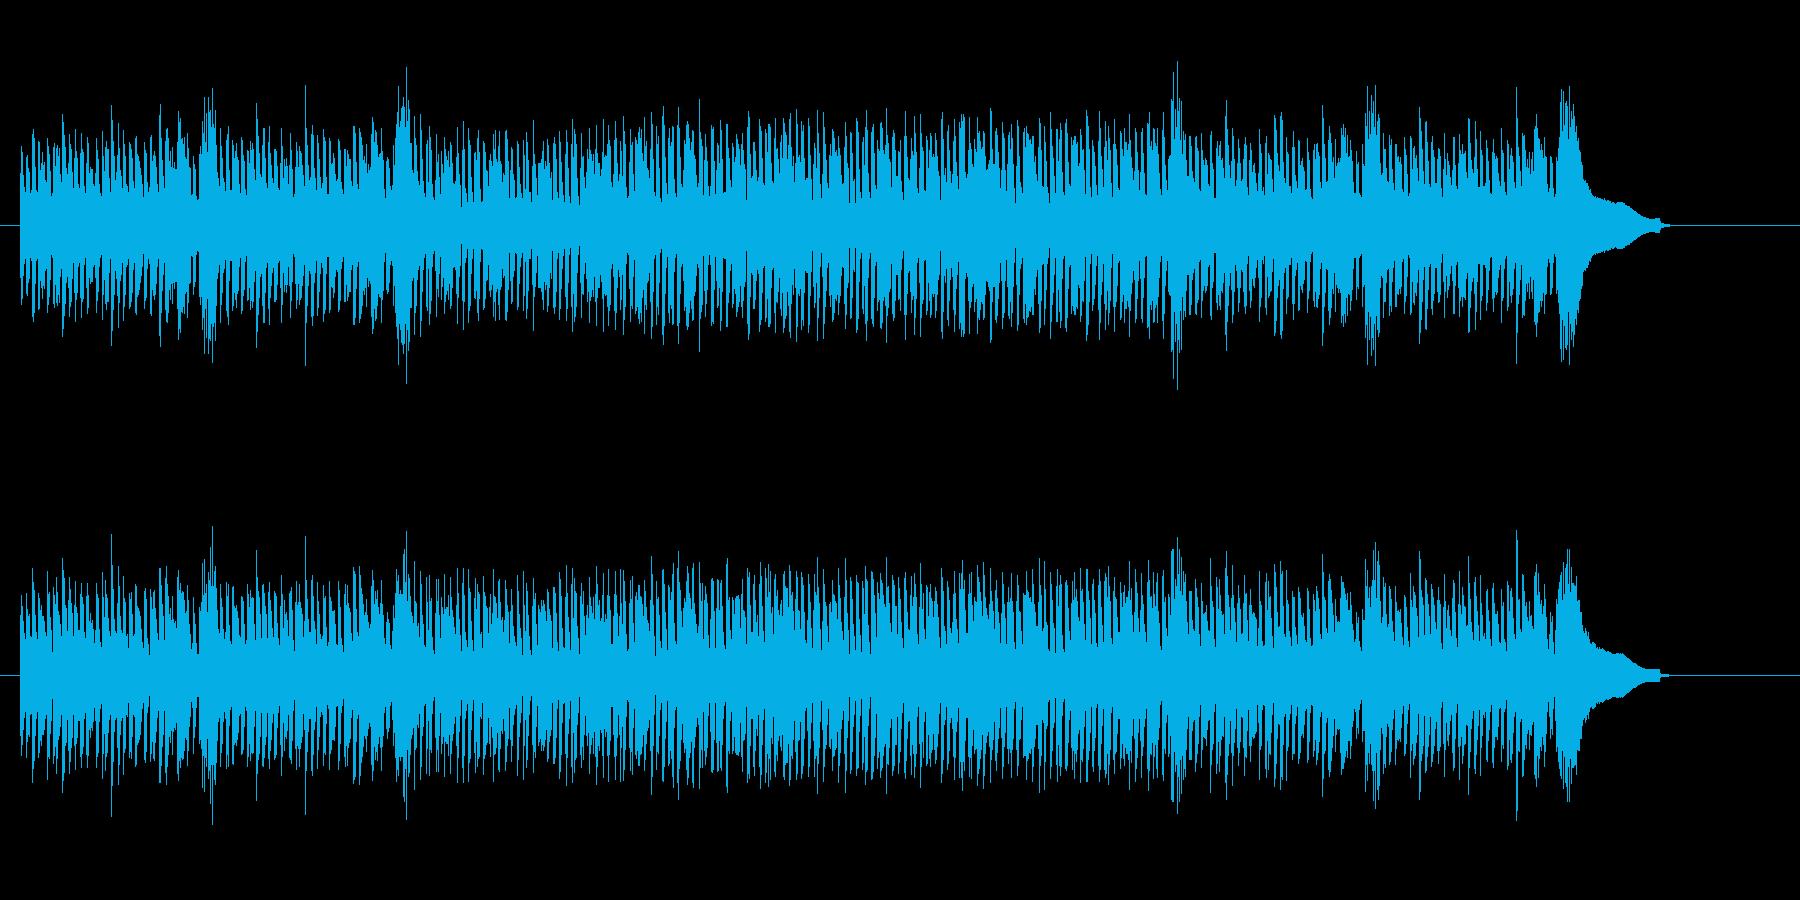 異種交配型アップ・ビート・ロックの再生済みの波形